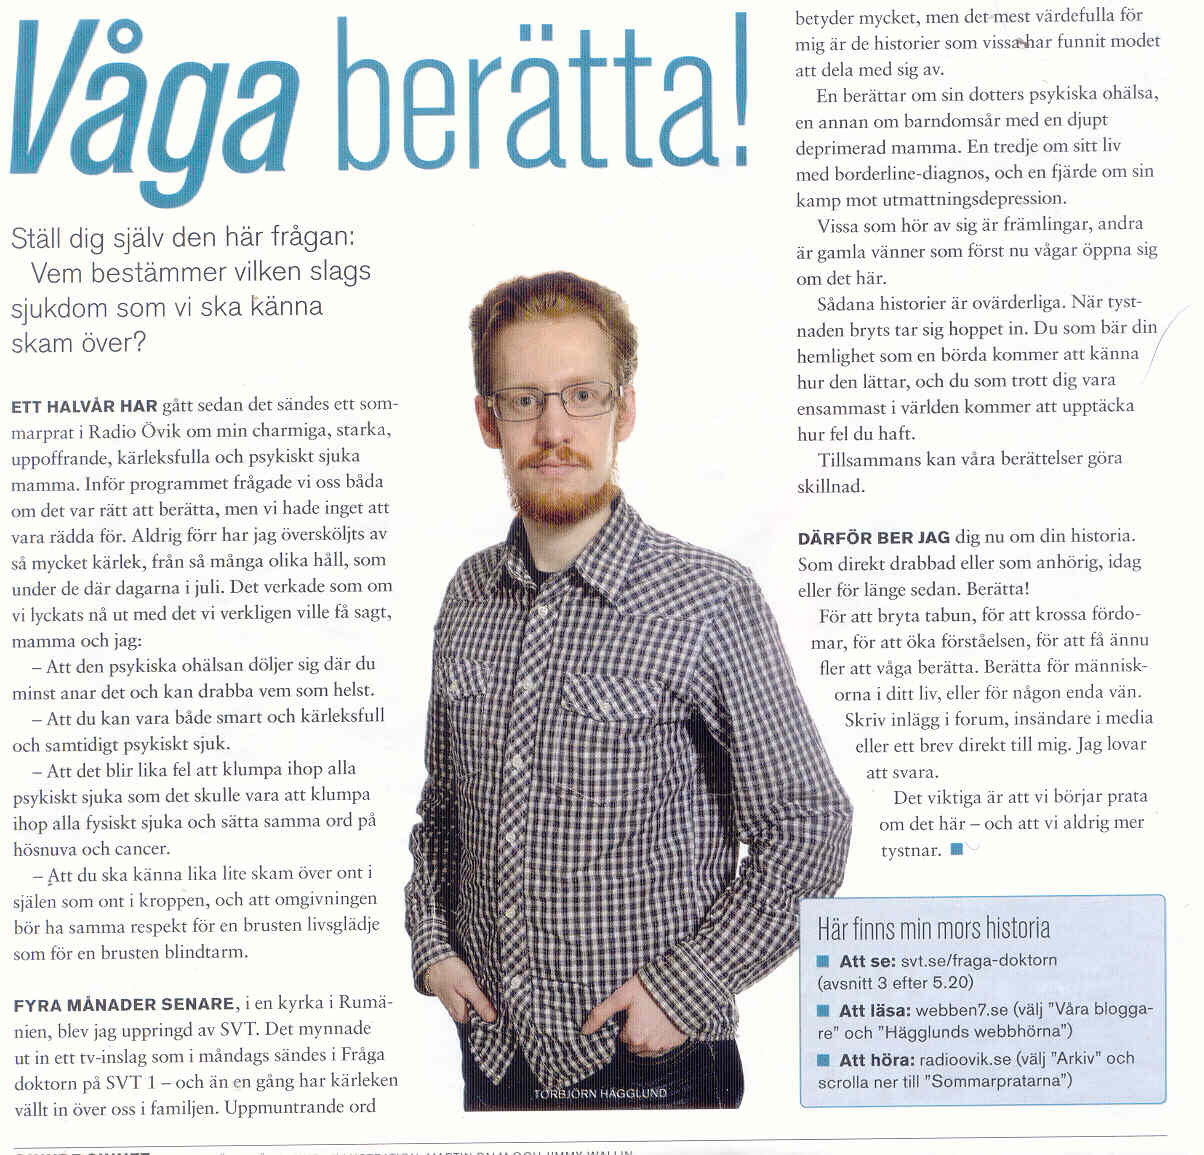 Källa tidningen 7